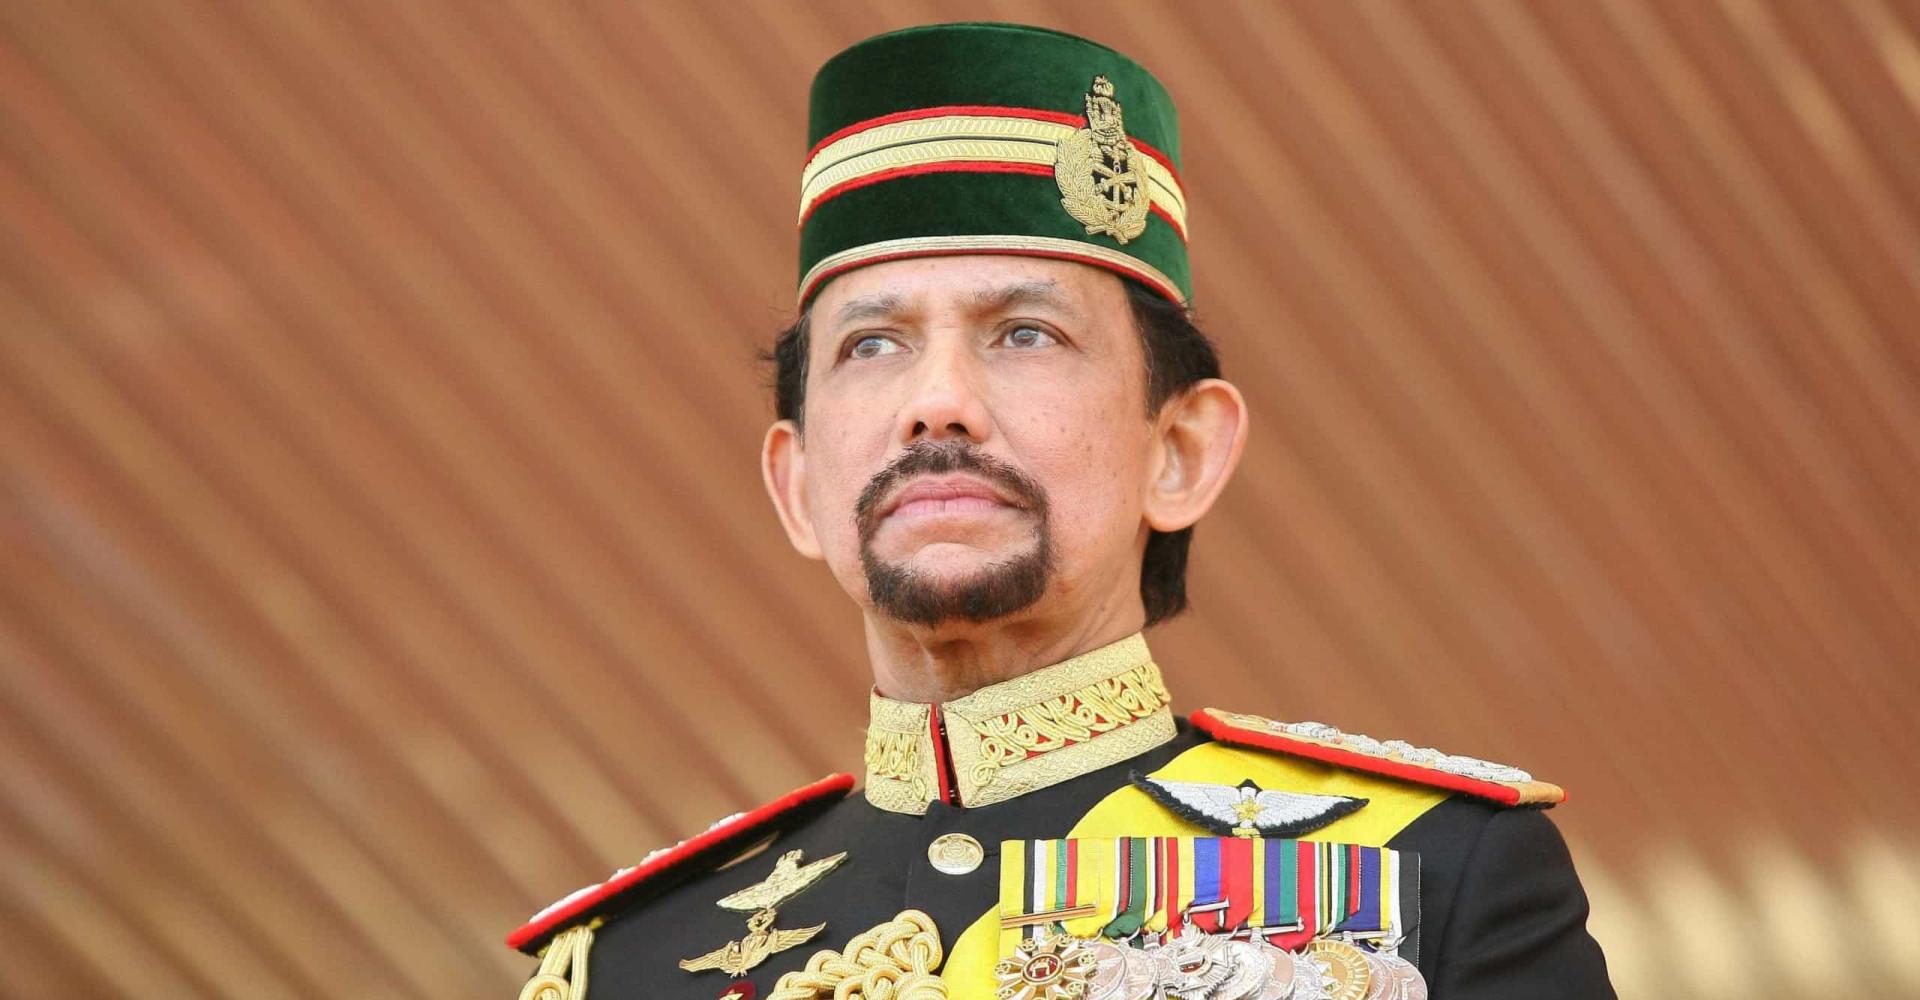 Le sultan de Brunei: portrait d'un roi sulfureux